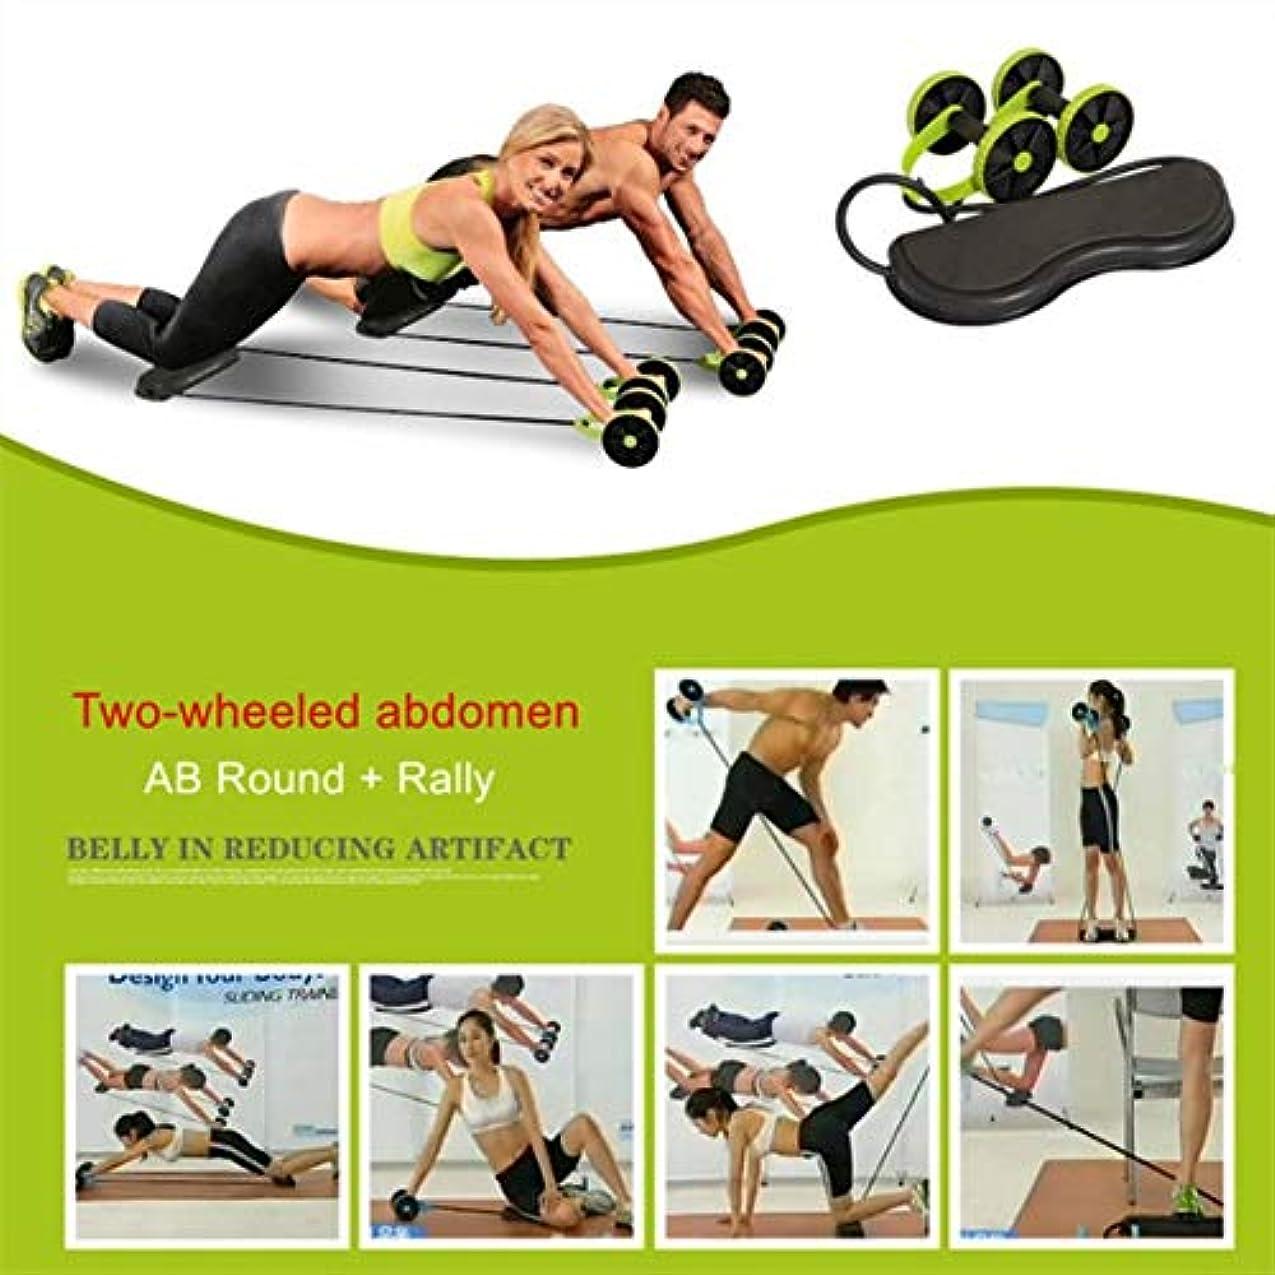 一月厚い効率JS-04多機能腹輪腹筋輪腹輪テンションロープ筋肉トレーニングマシン(グリーン&ブラック)